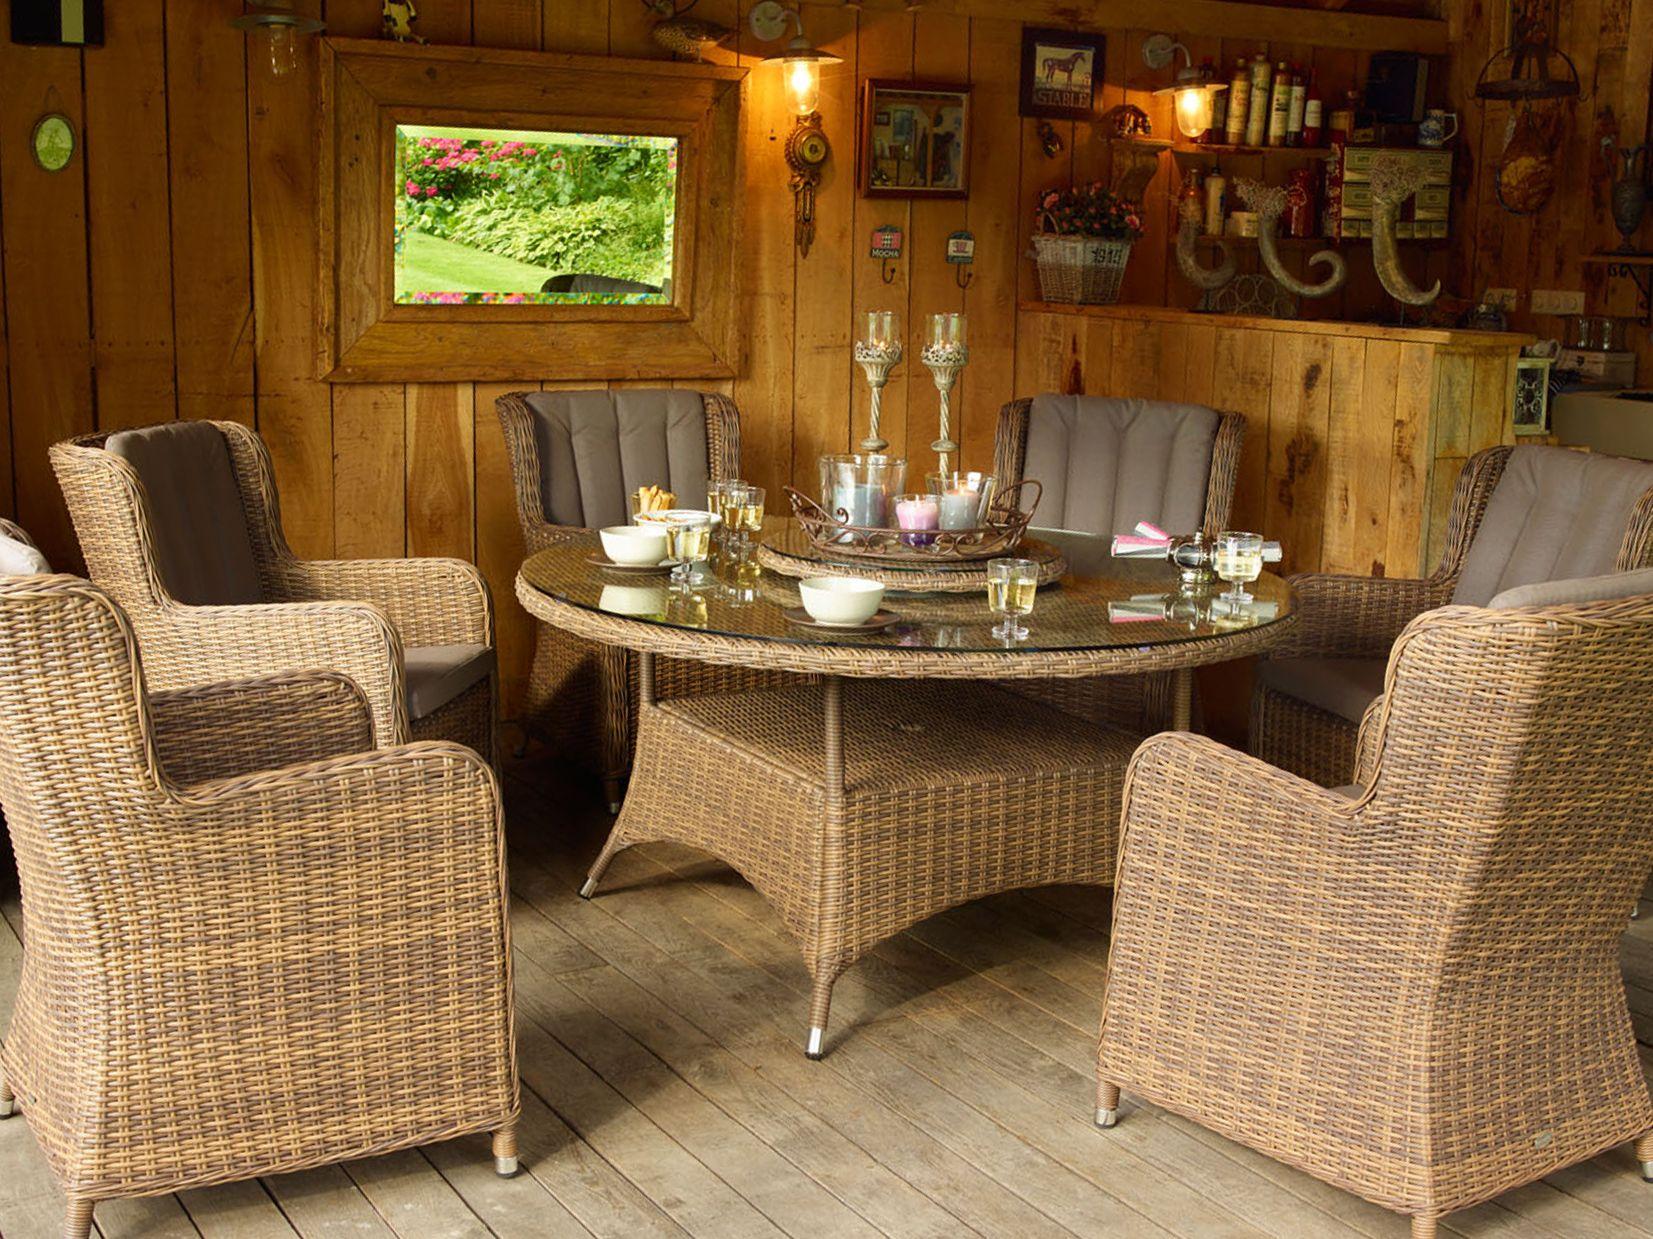 Dining Set Tuin : Maak een gezellig hoekje in de tuin met een diningset diningset